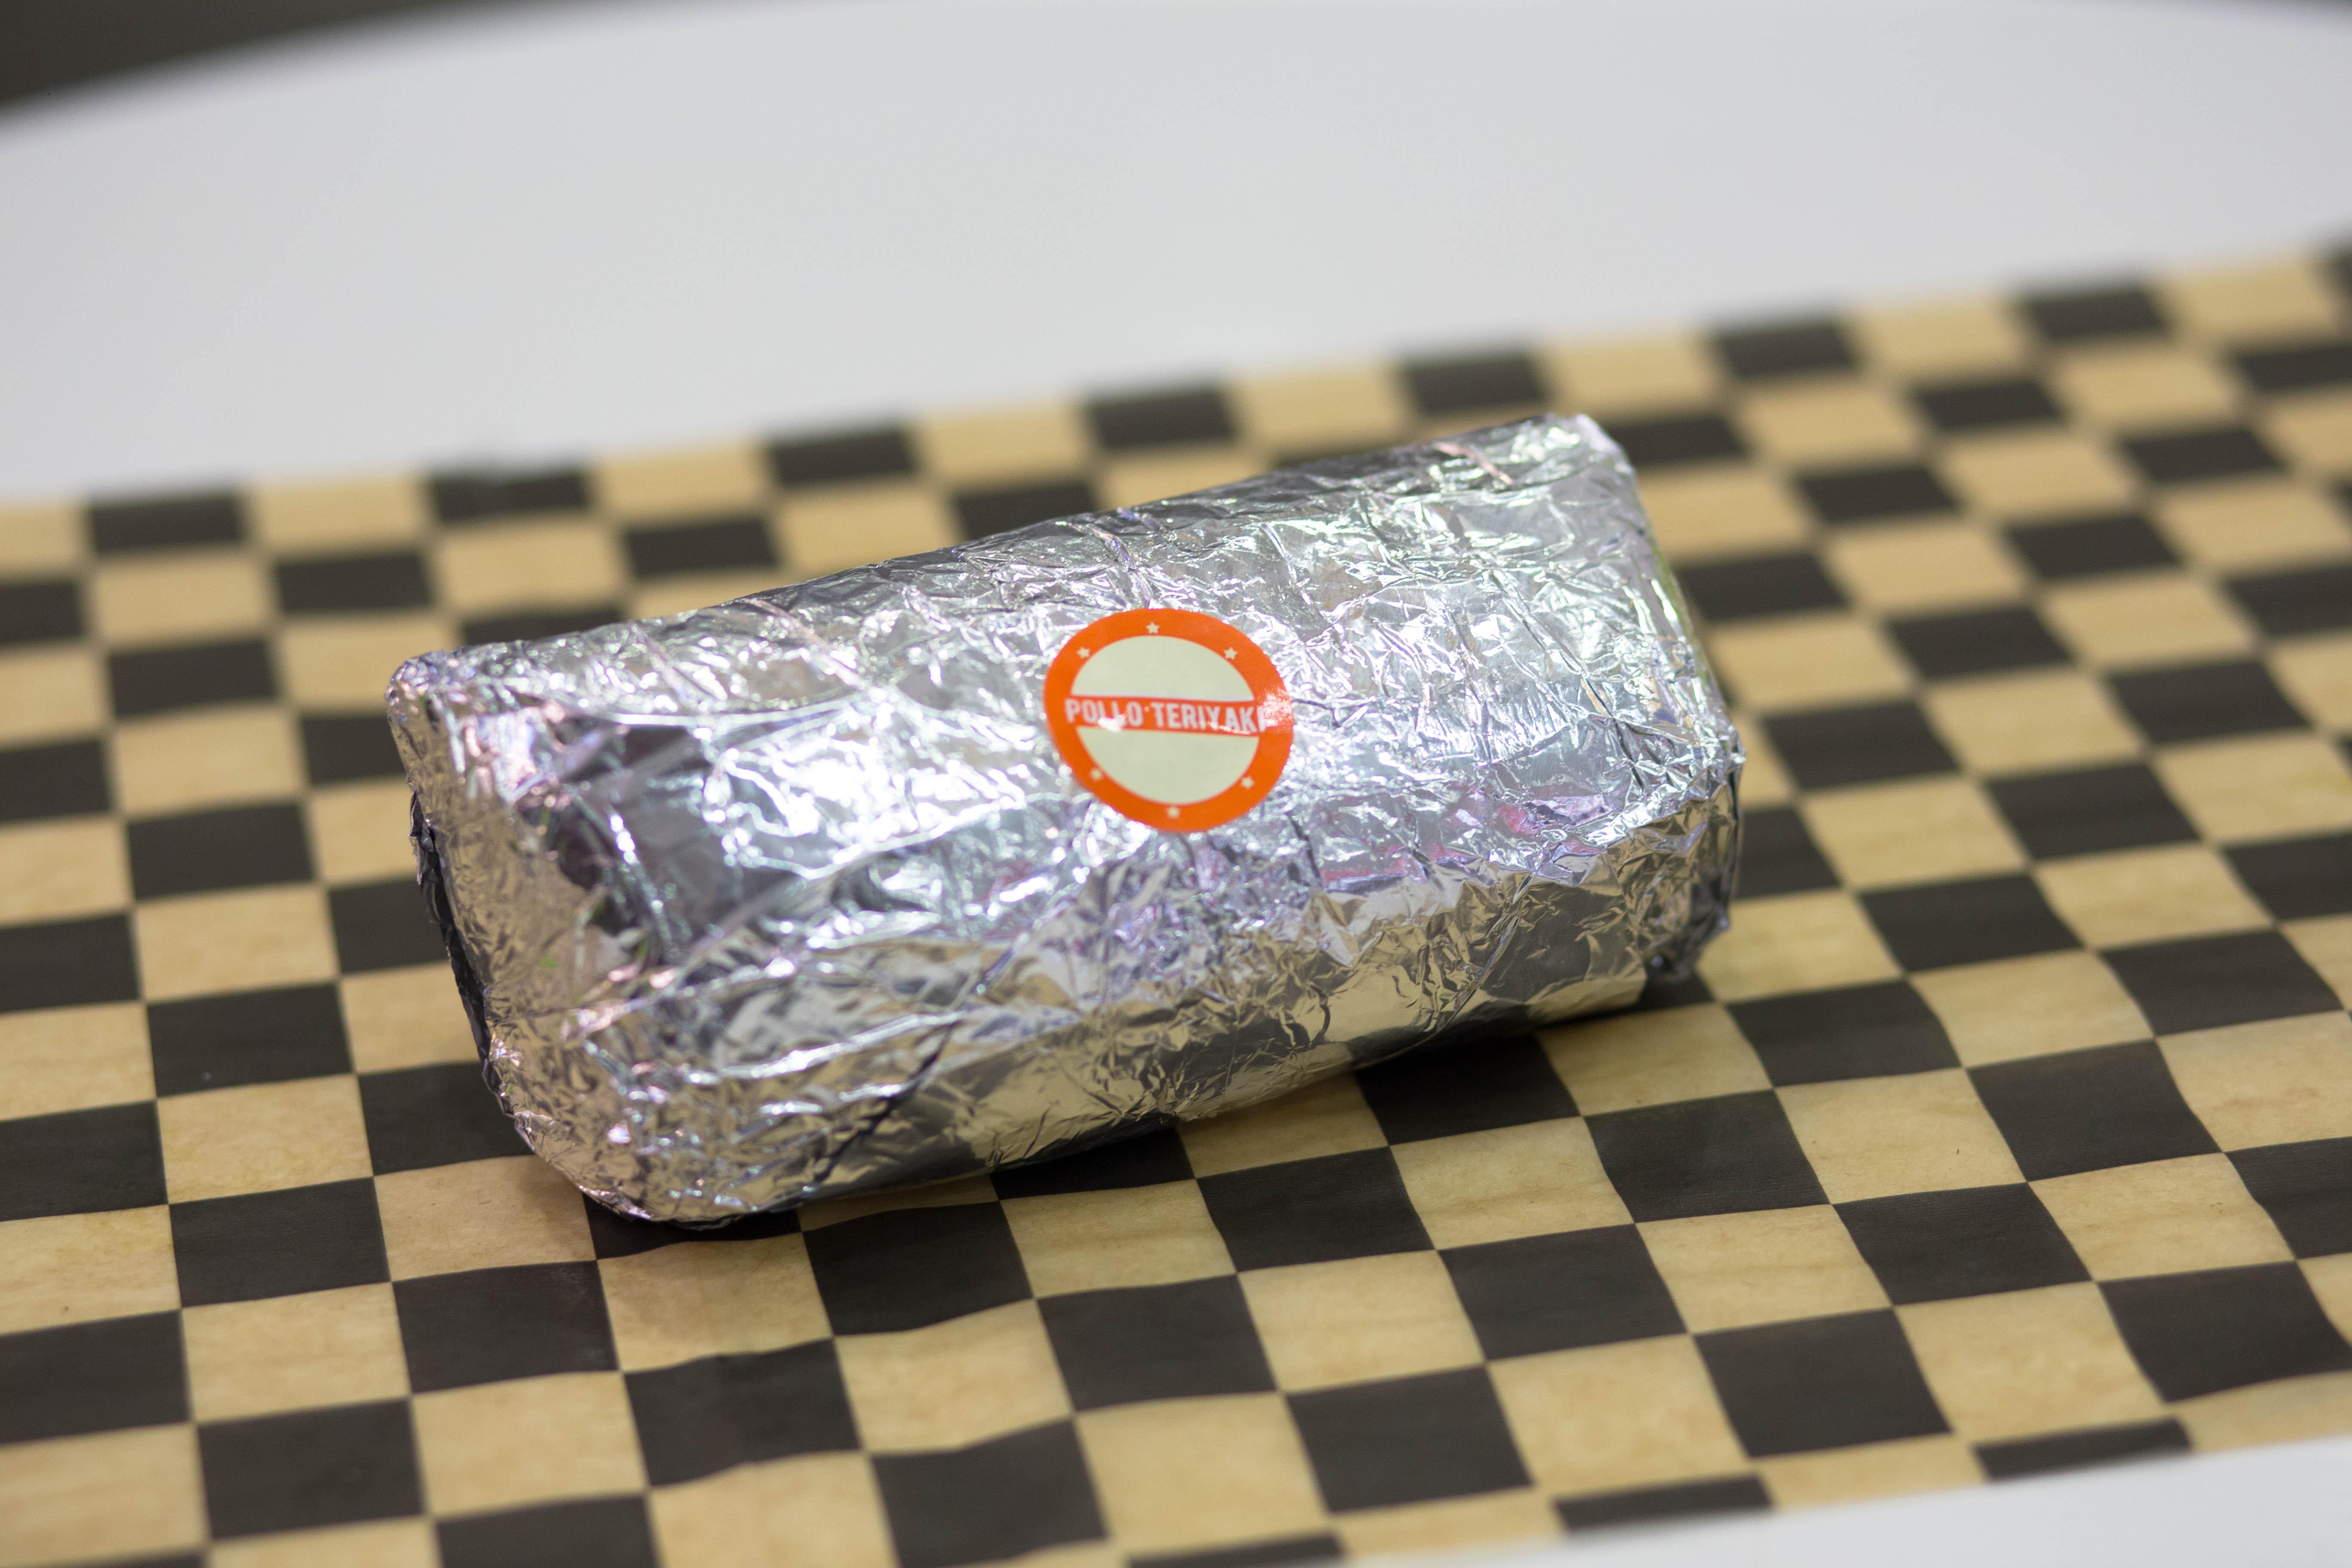 Burrito de pollo teriyaki